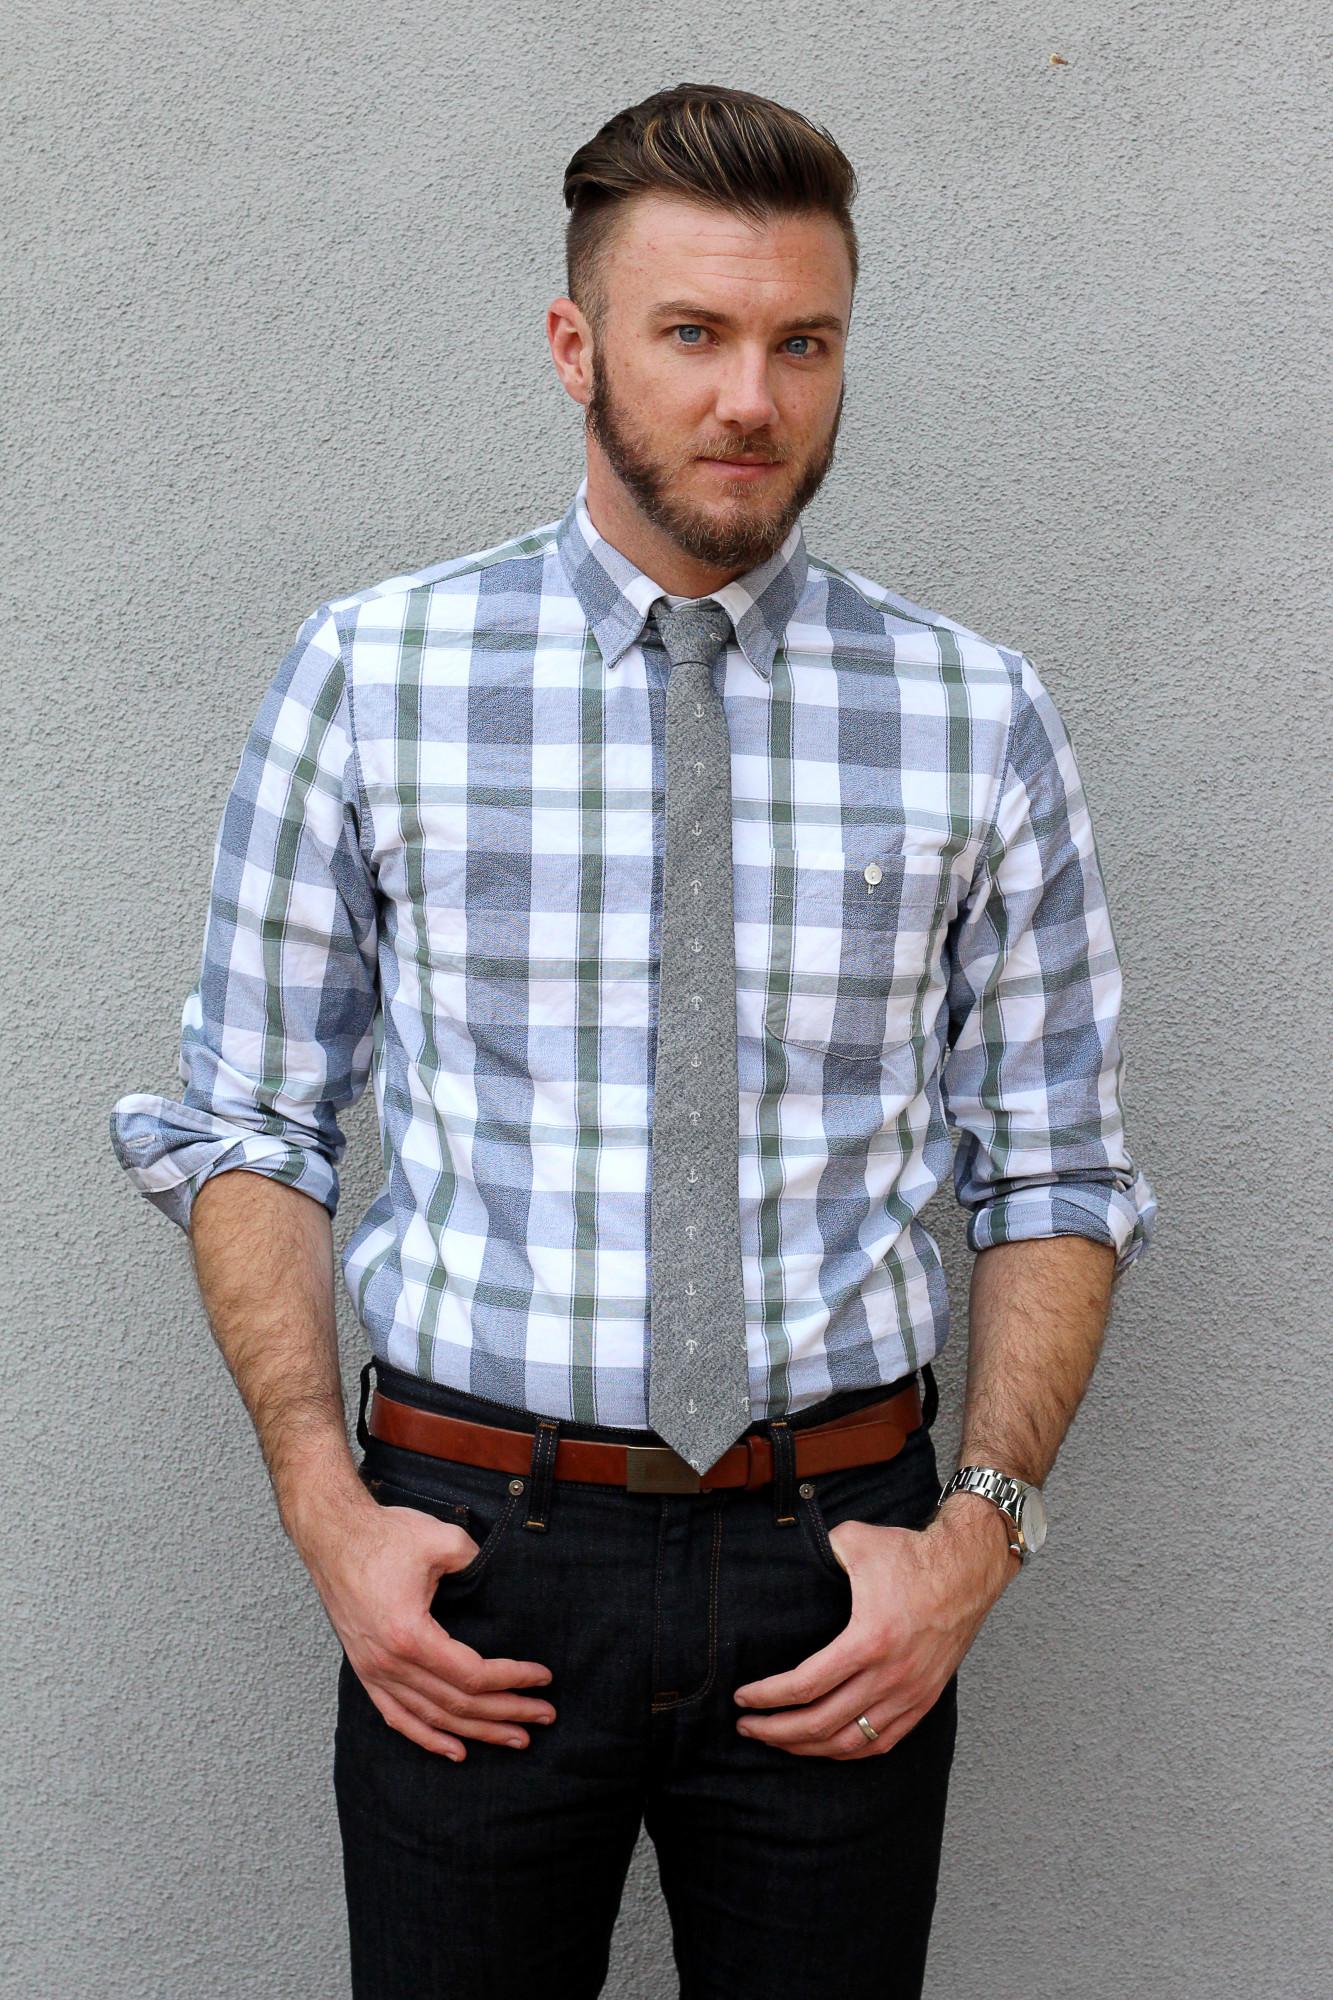 business casual tie or no tie photo - 1